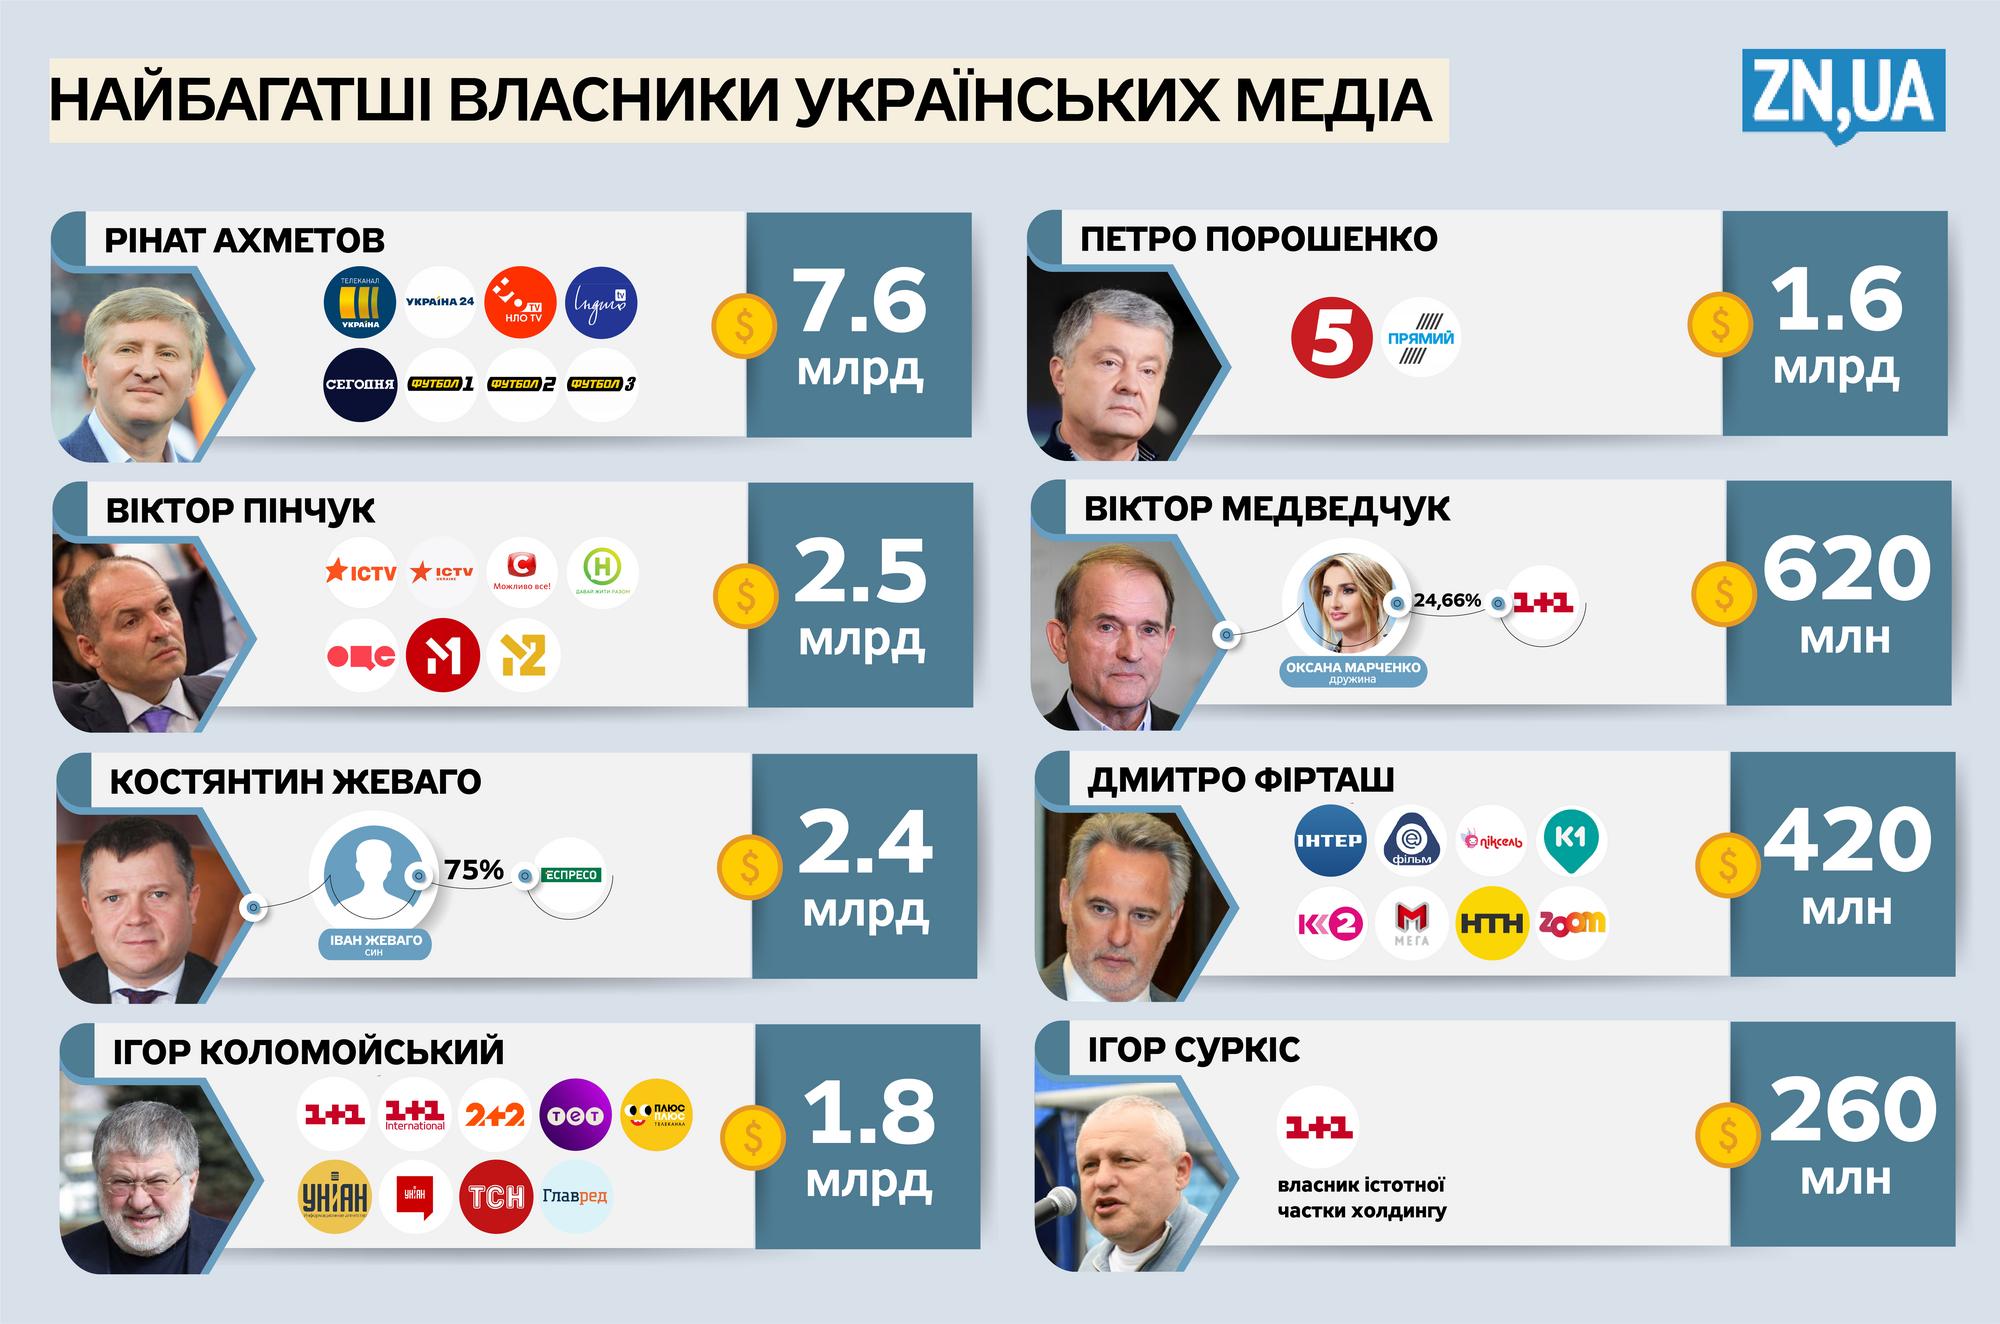 Самые богатые владельцы украинских медиа